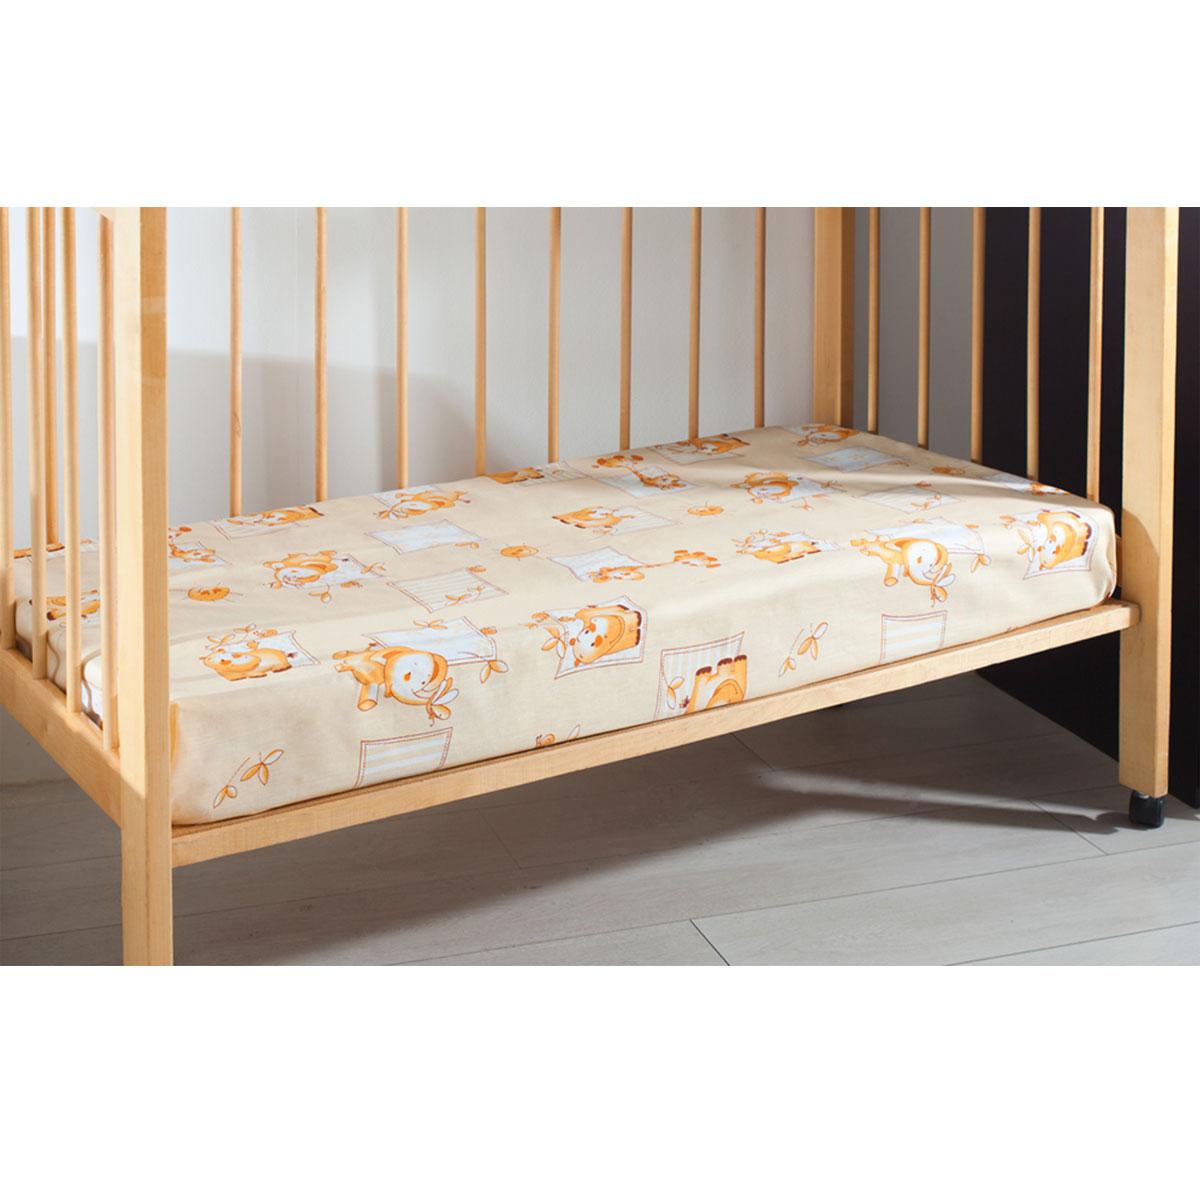 Простыня детская Primavelle, цвет: бежевый, 120 см х 180 см11461210-10Мягкая простыня на резинке Primavelle идеально подойдет для кроватки вашего малыша и обеспечит ему здоровый сон. Она изготовлена из натурального 100% хлопка, дарящего малышу непревзойденную мягкость. Подарите вашему малышу комфорт и удобство!